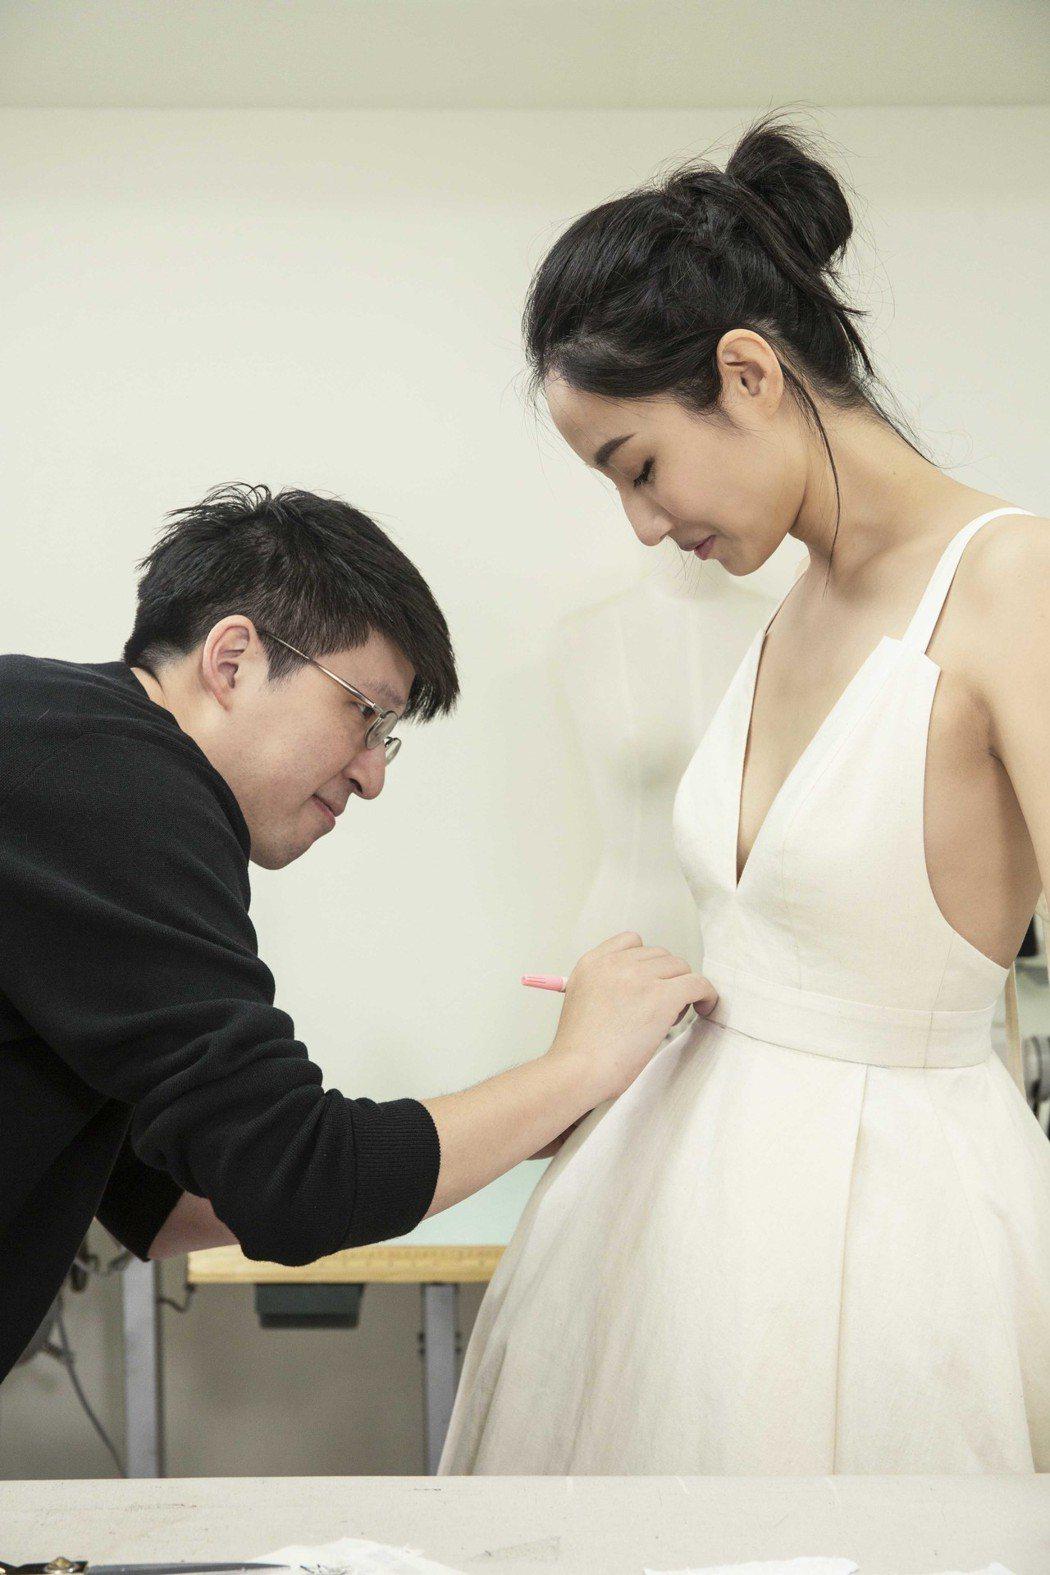 邱馨慧(右)邀請詹朴設計婚紗。圖/凱渥提供